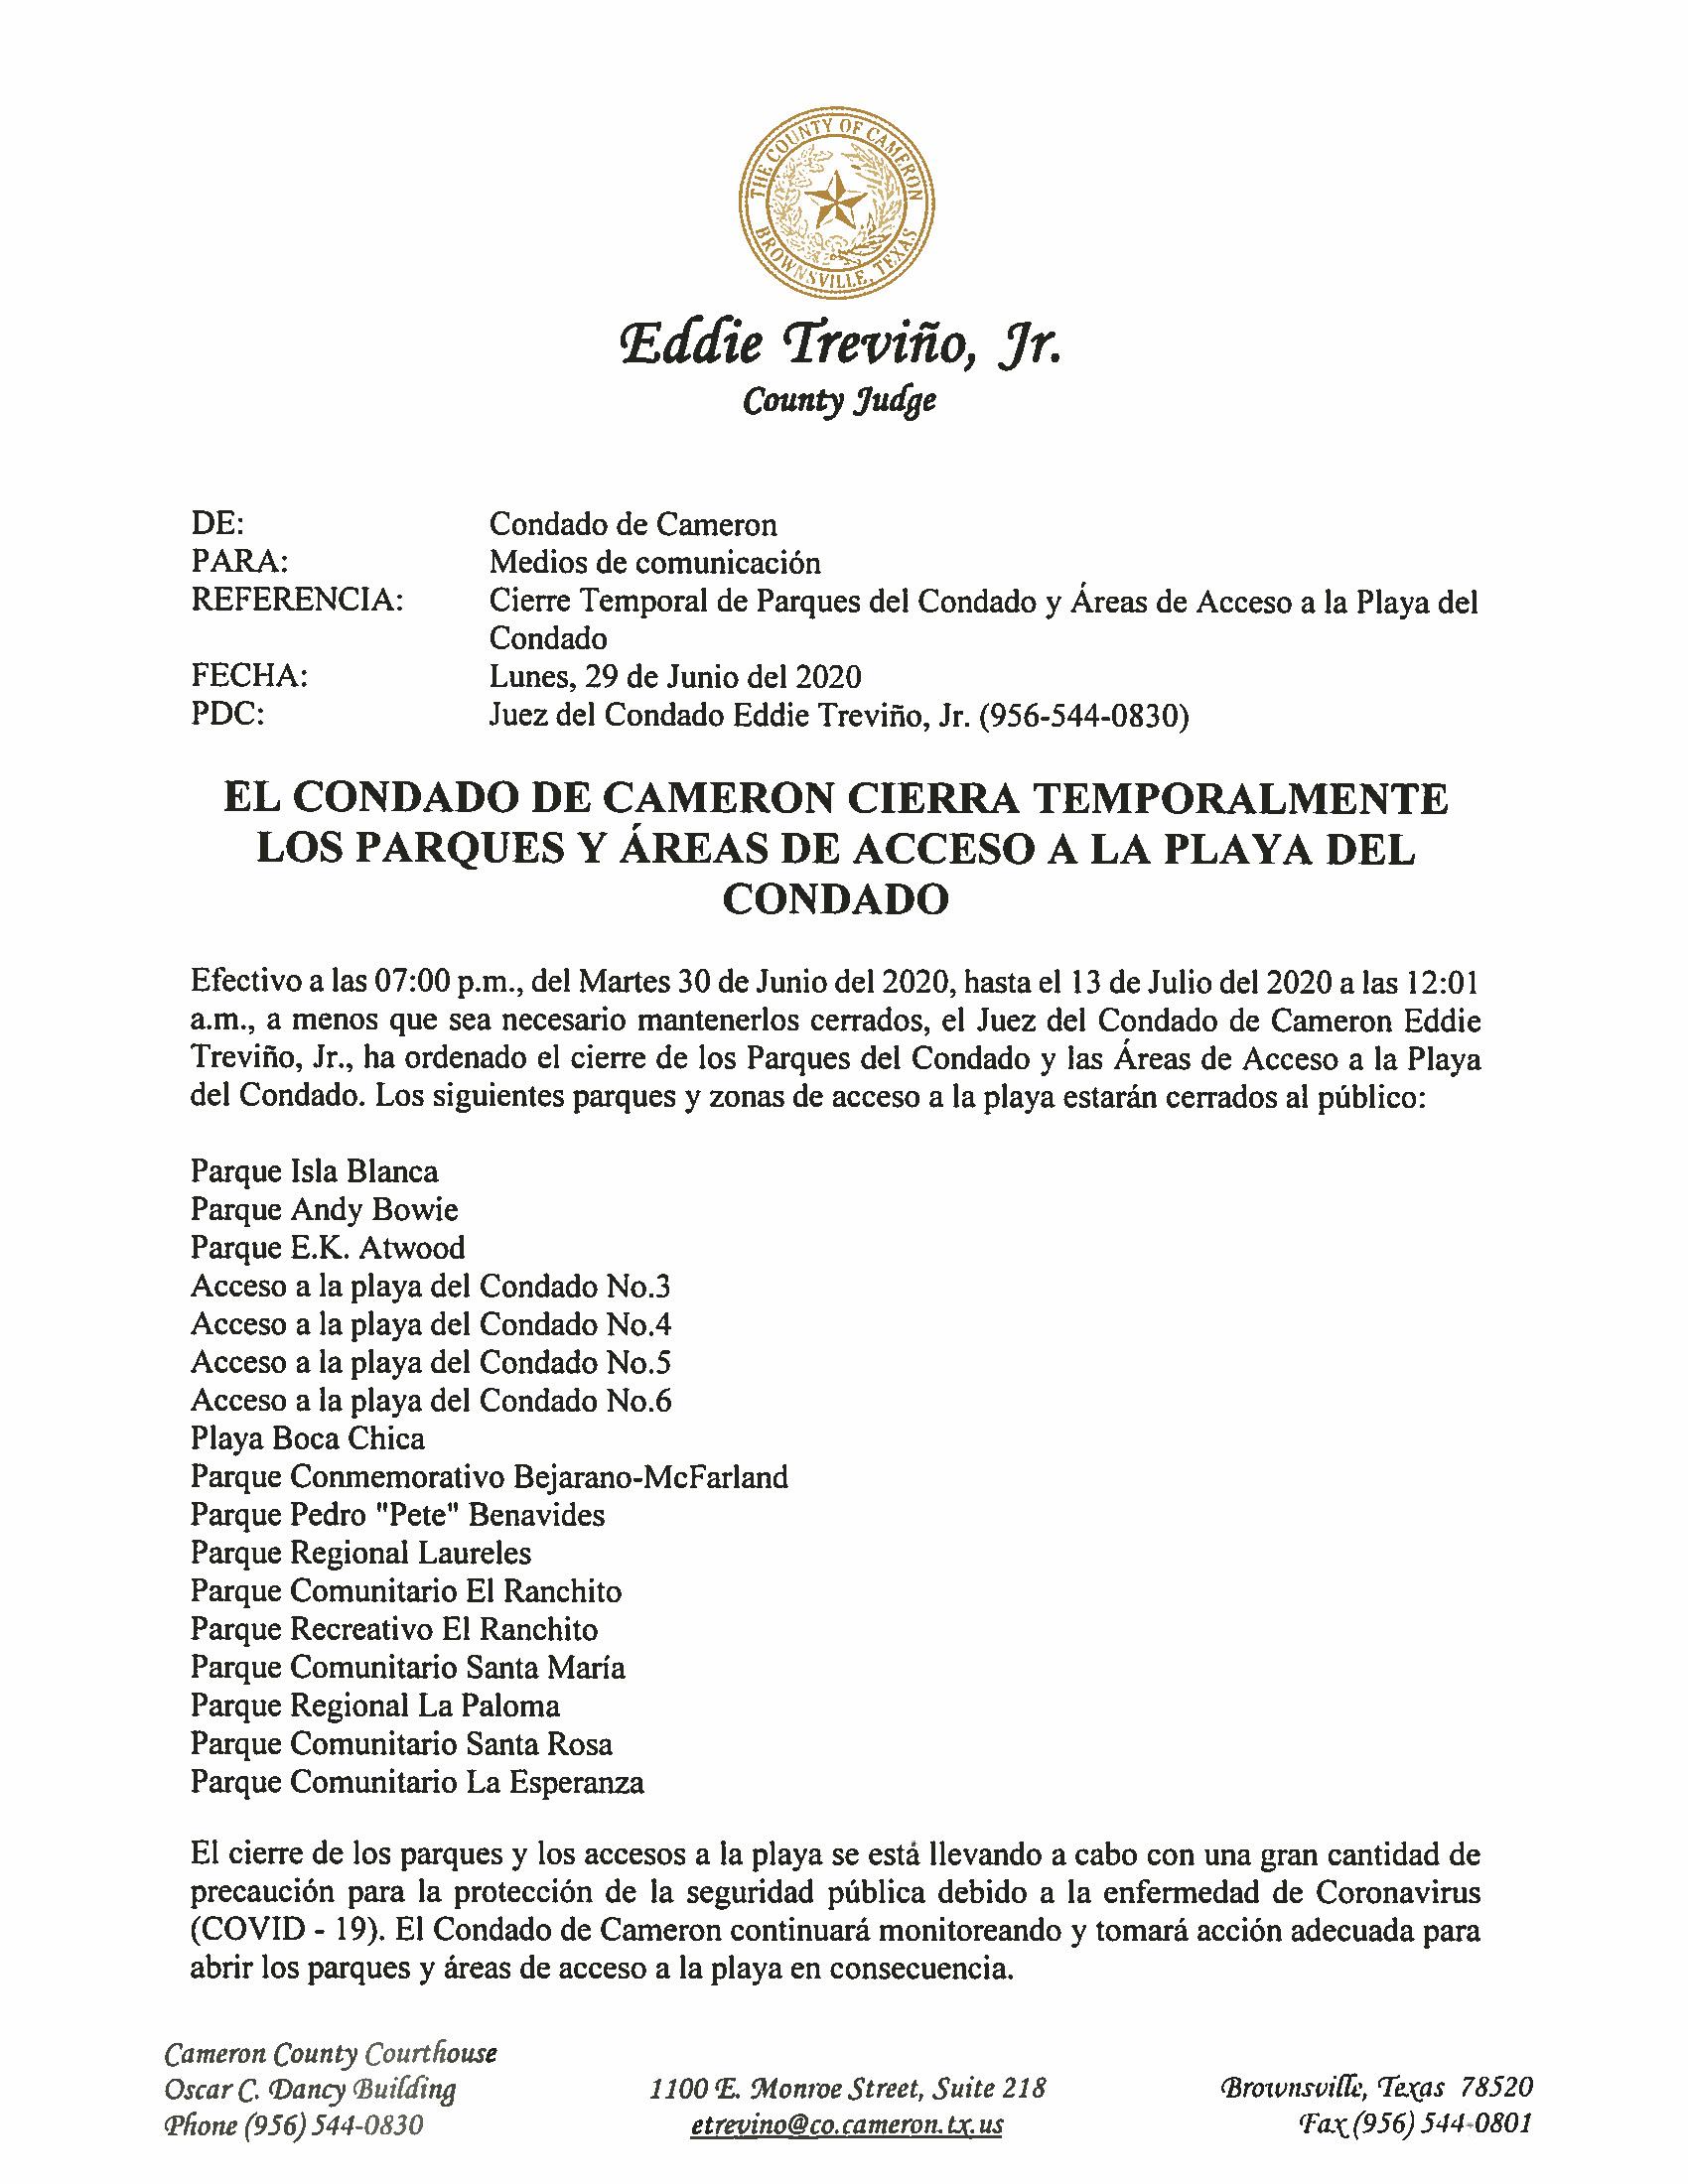 06.29.2020 El Condado De Cameron Cierra Temporalmente Los Parques Y Areas De Acceso A La Playa Del Condado Page 1